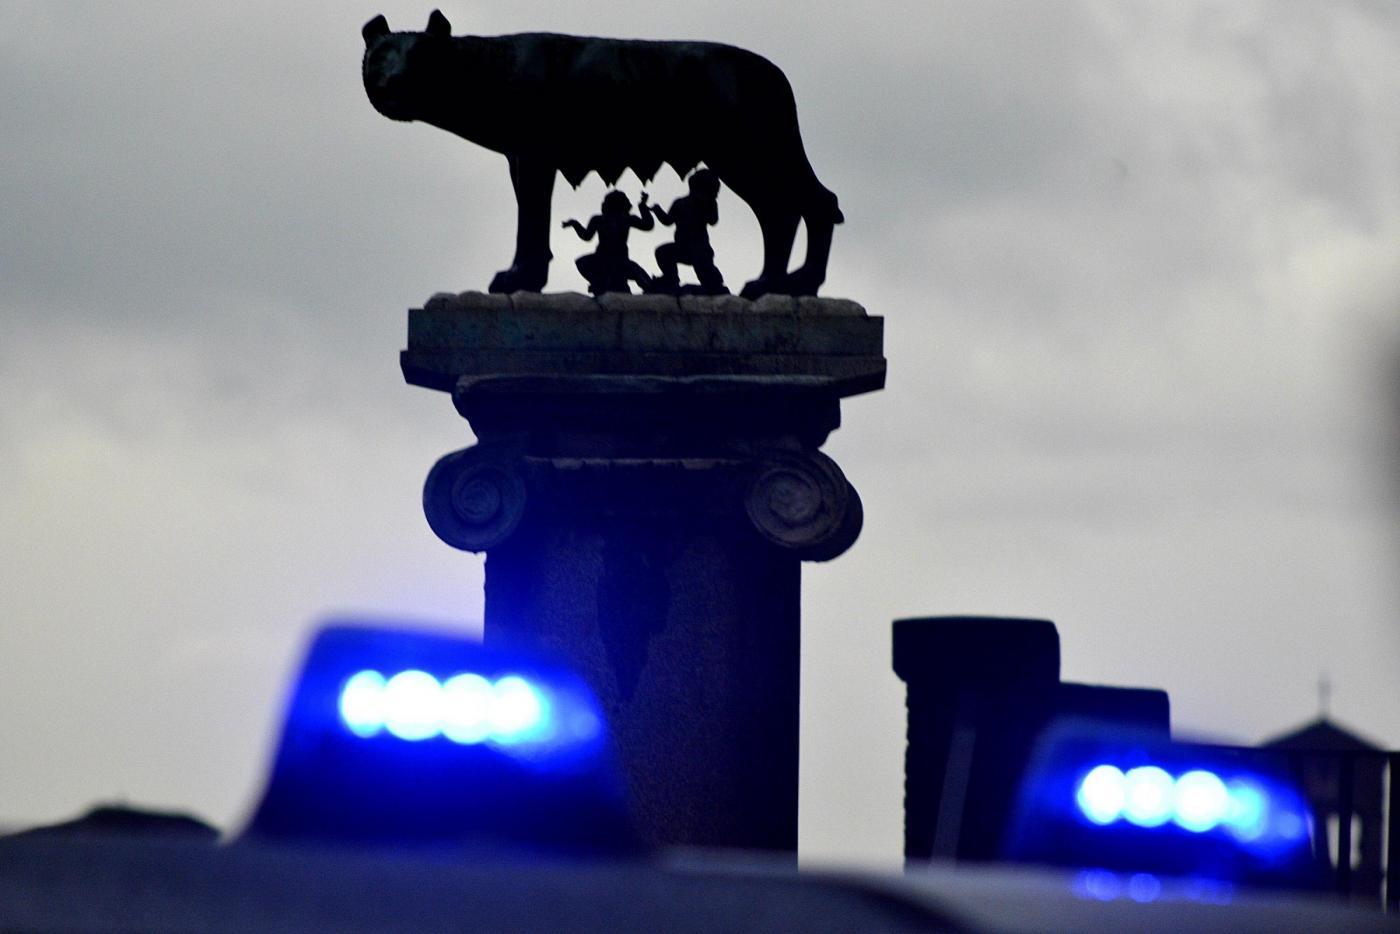 Roma Criminale: violenza quotidiana e imprese di Mafia Capitale